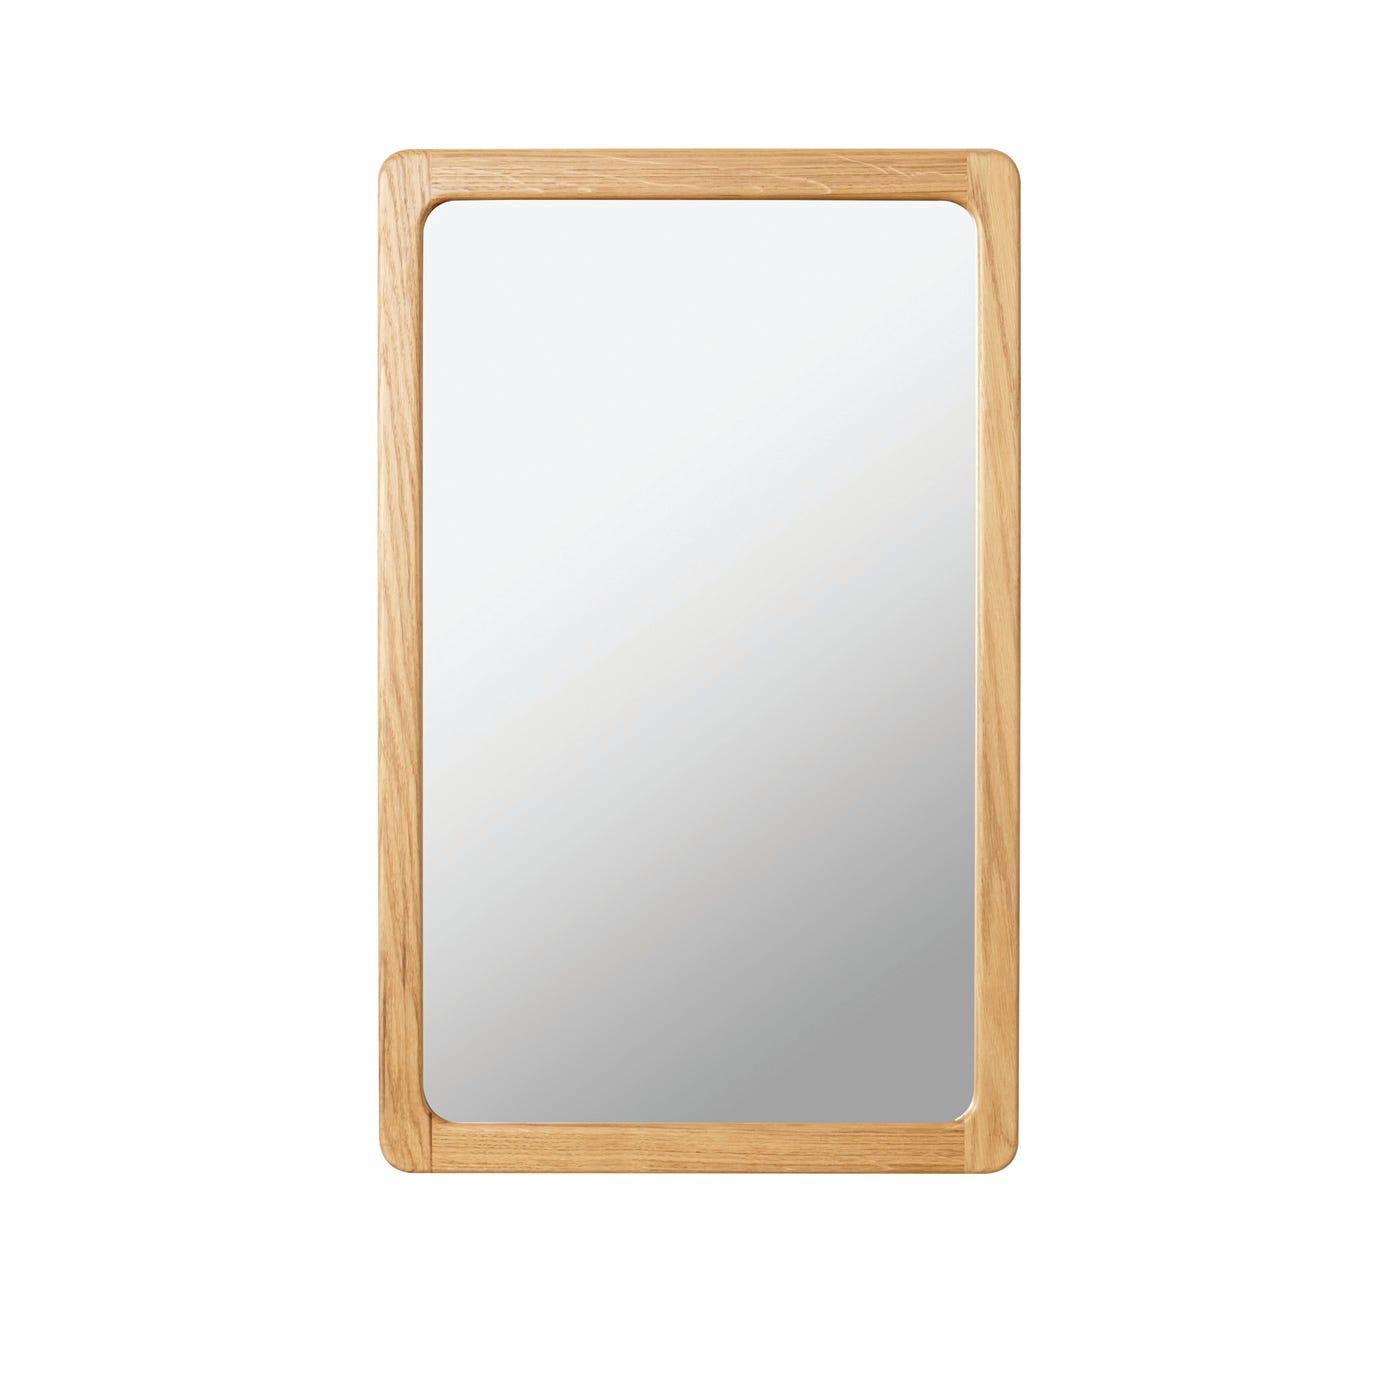 Scp Agnes Small Oak Mirror